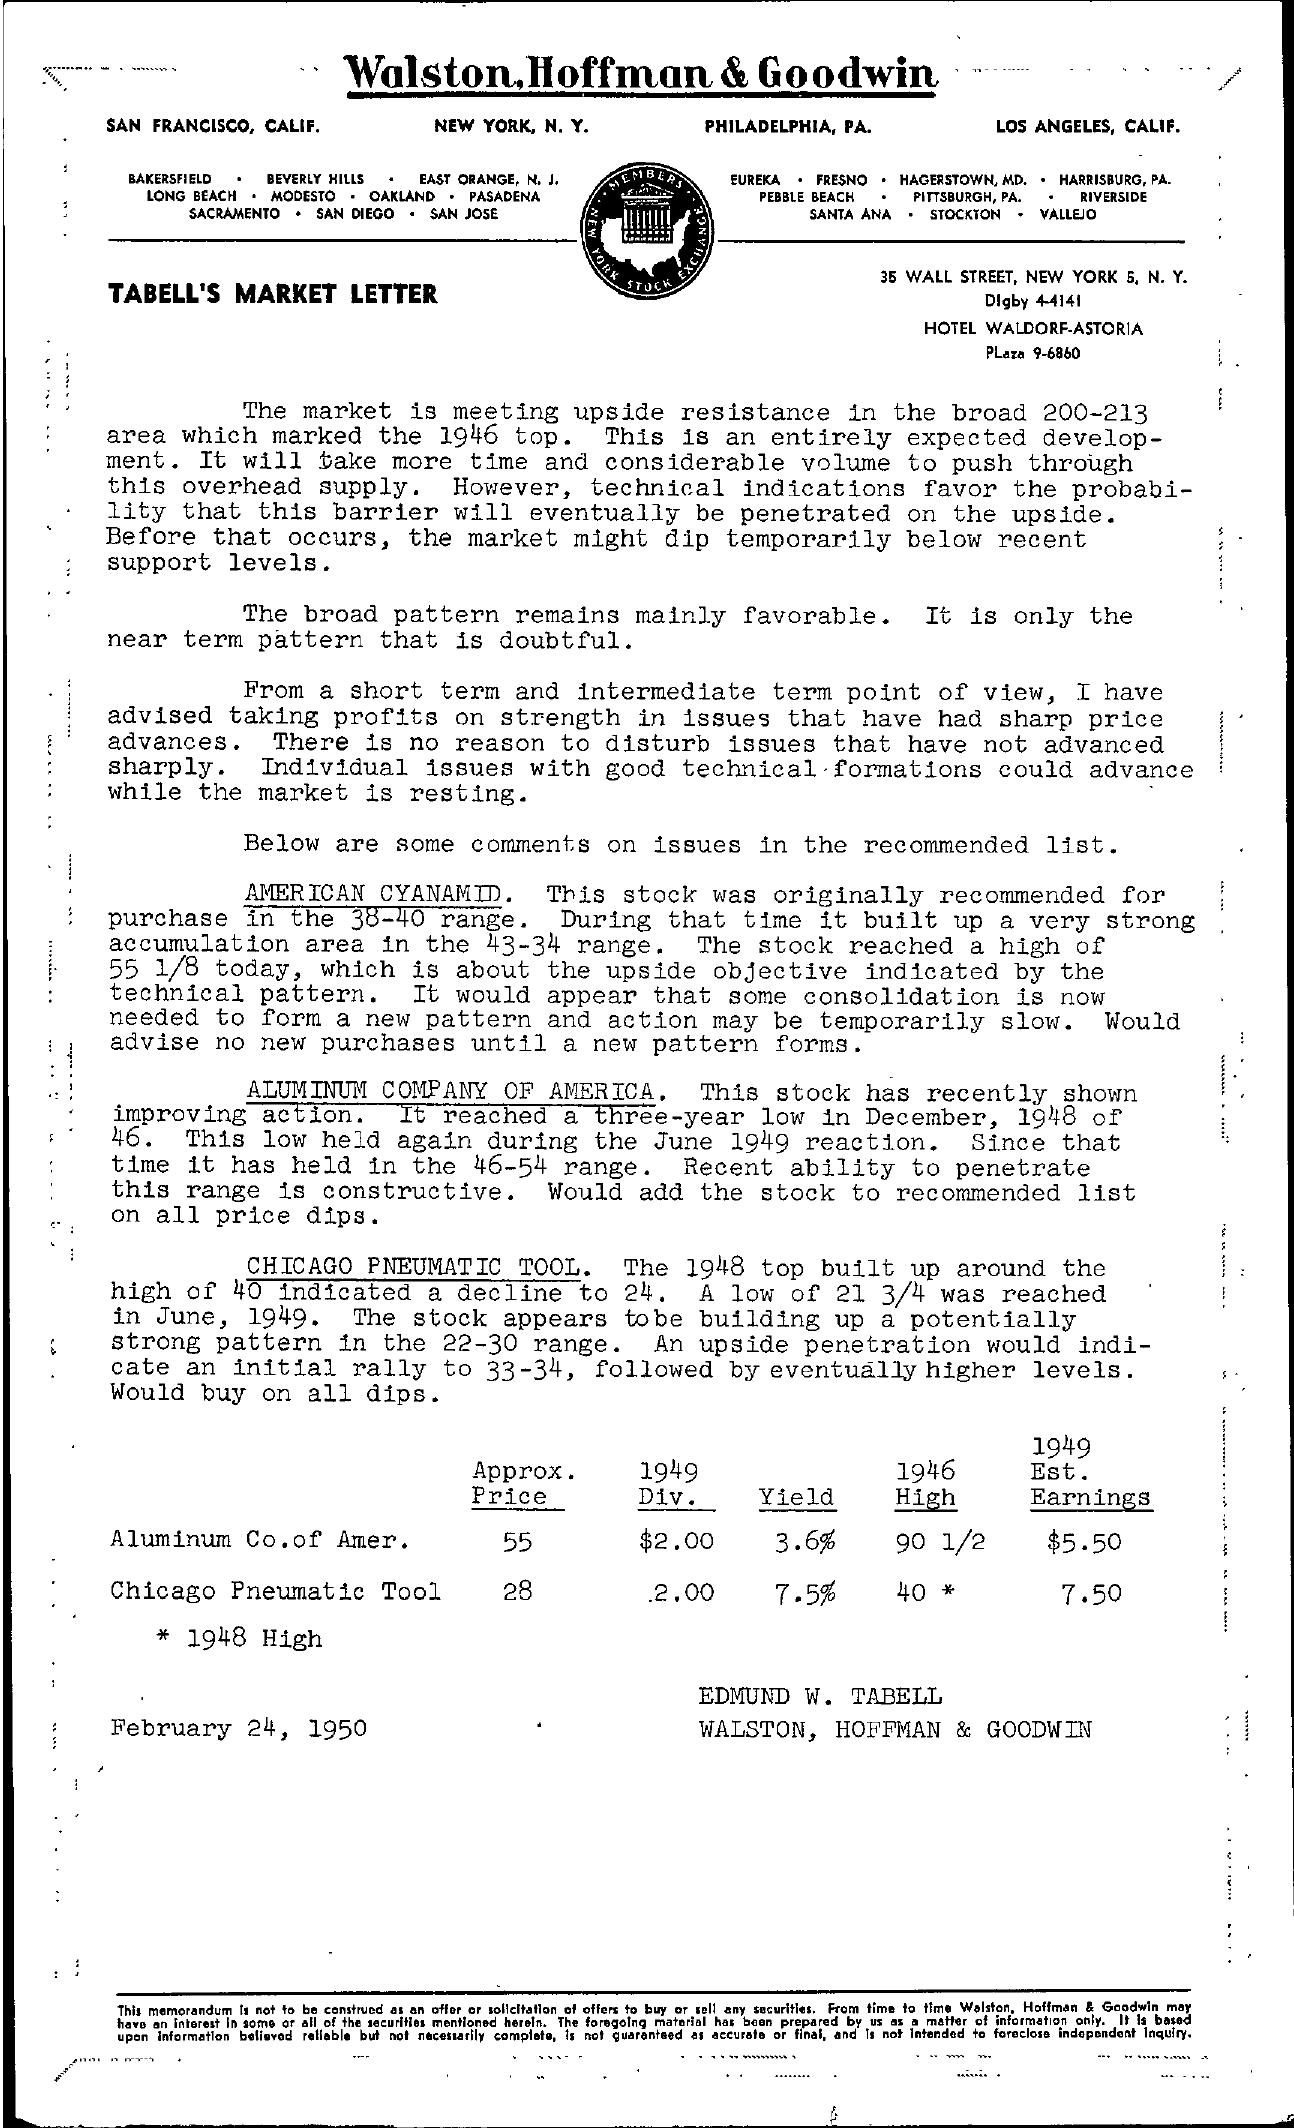 Tabell's Market Letter - February 24, 1950